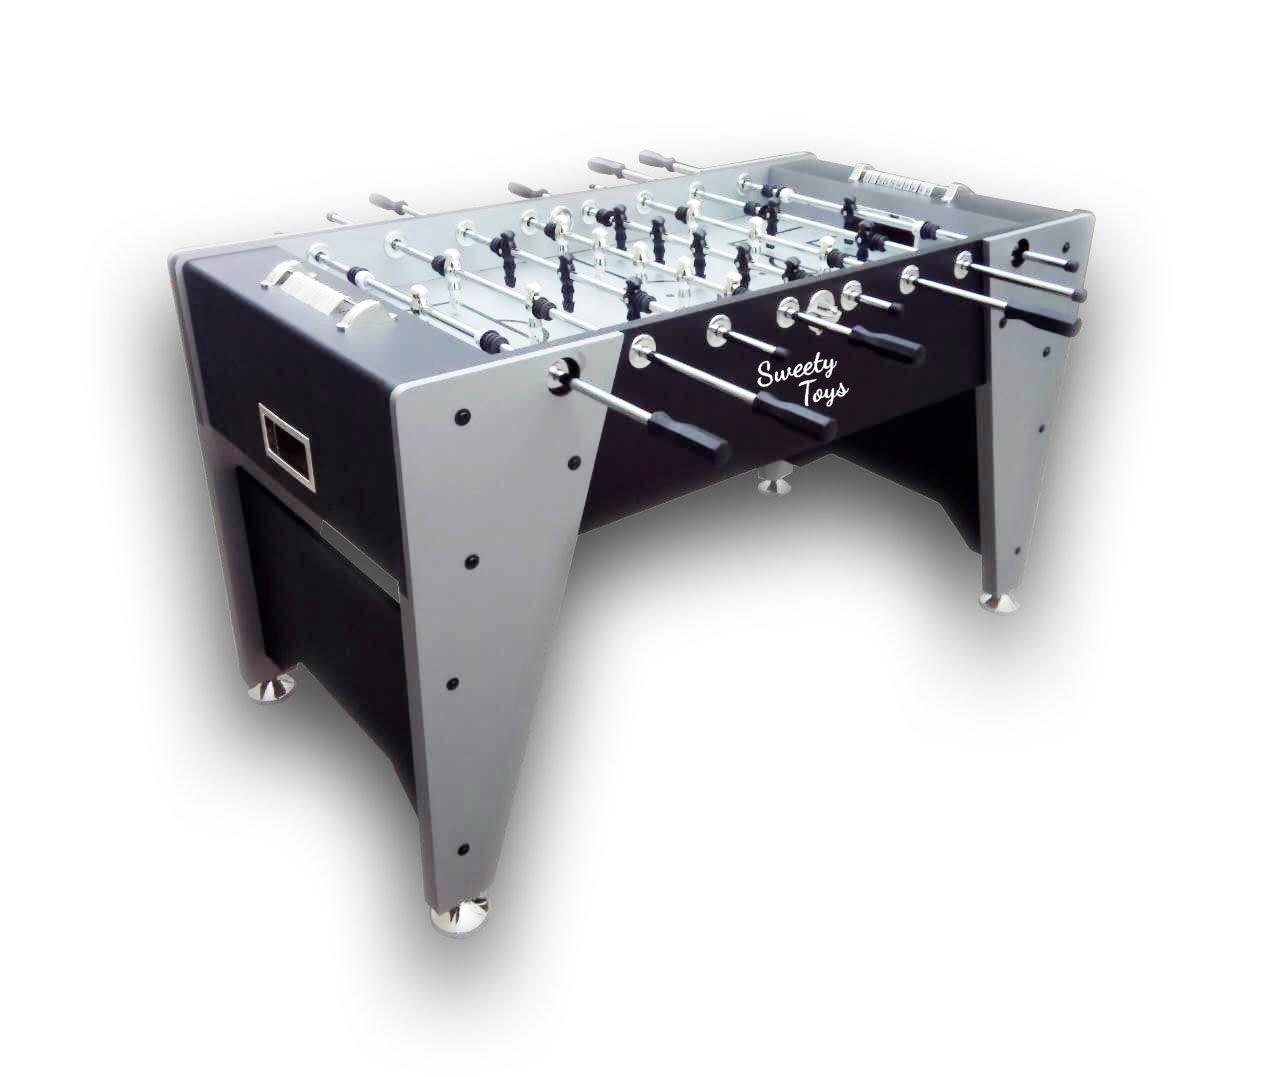 Sweety Toys 6670 Tisch Kicker Tisch Fussball silber/schwarz/grau